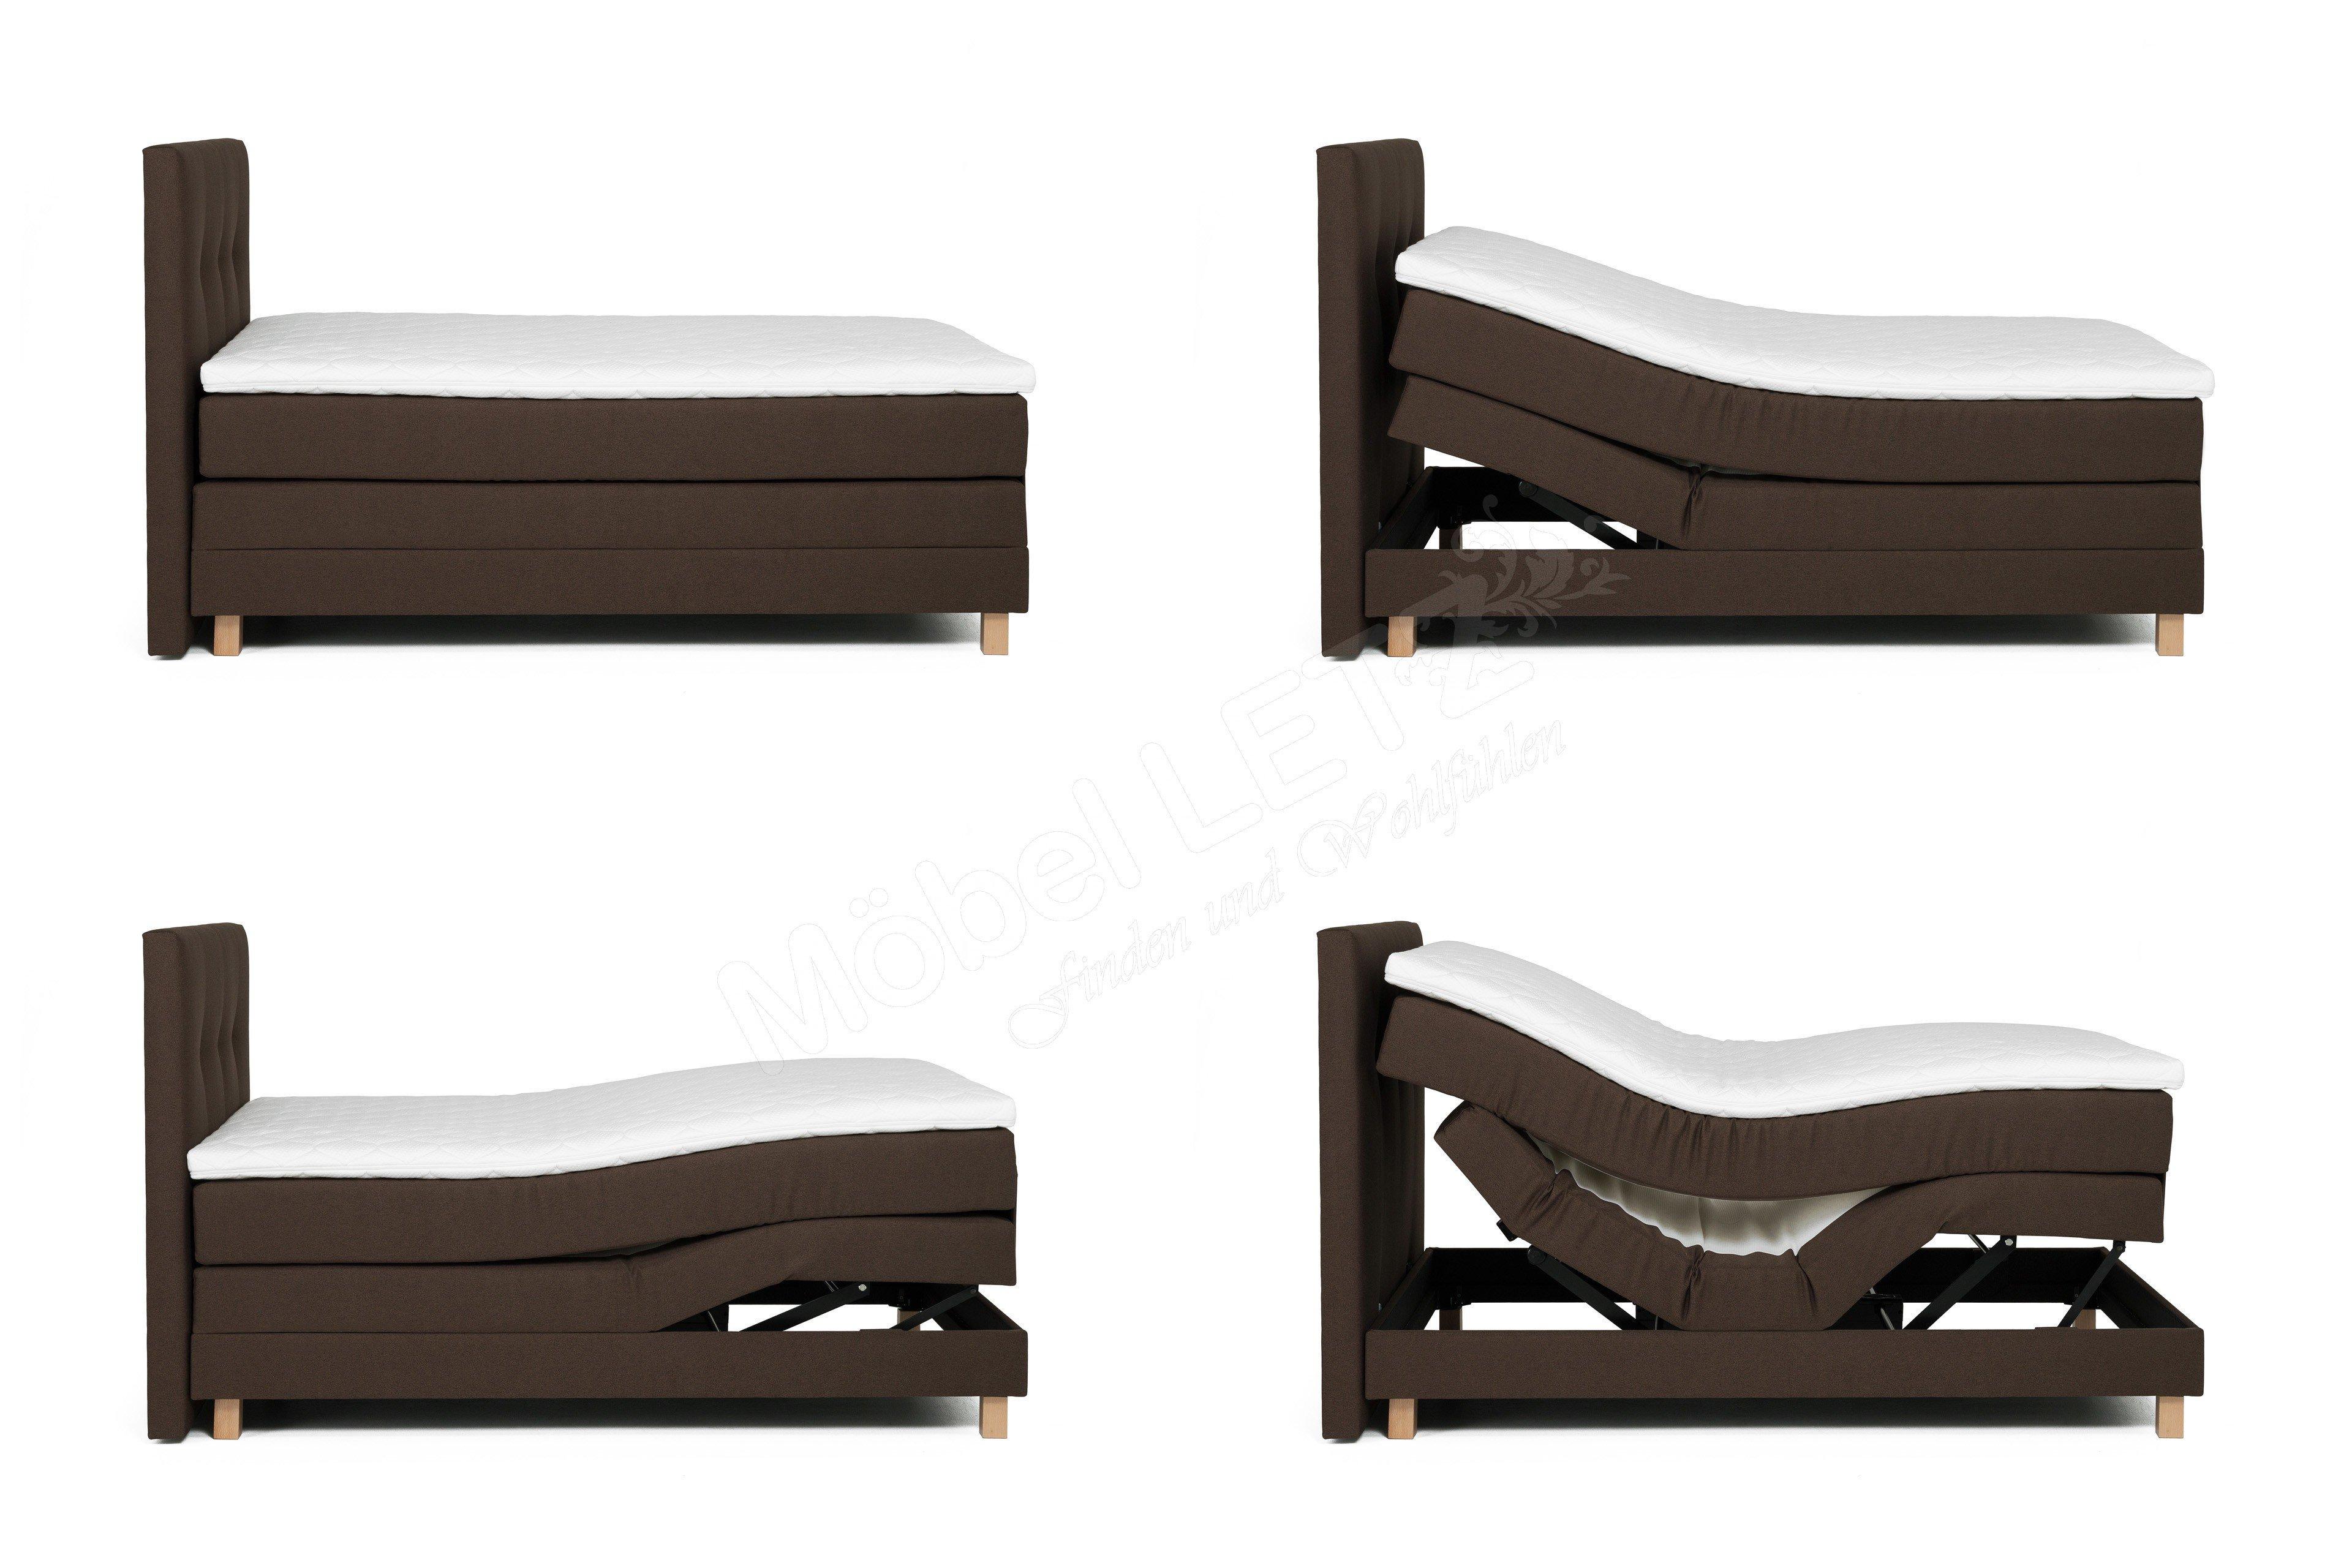 boxspringbett jensen von skandinavische m bel mit 3 motoren m bel letz ihr online shop. Black Bedroom Furniture Sets. Home Design Ideas